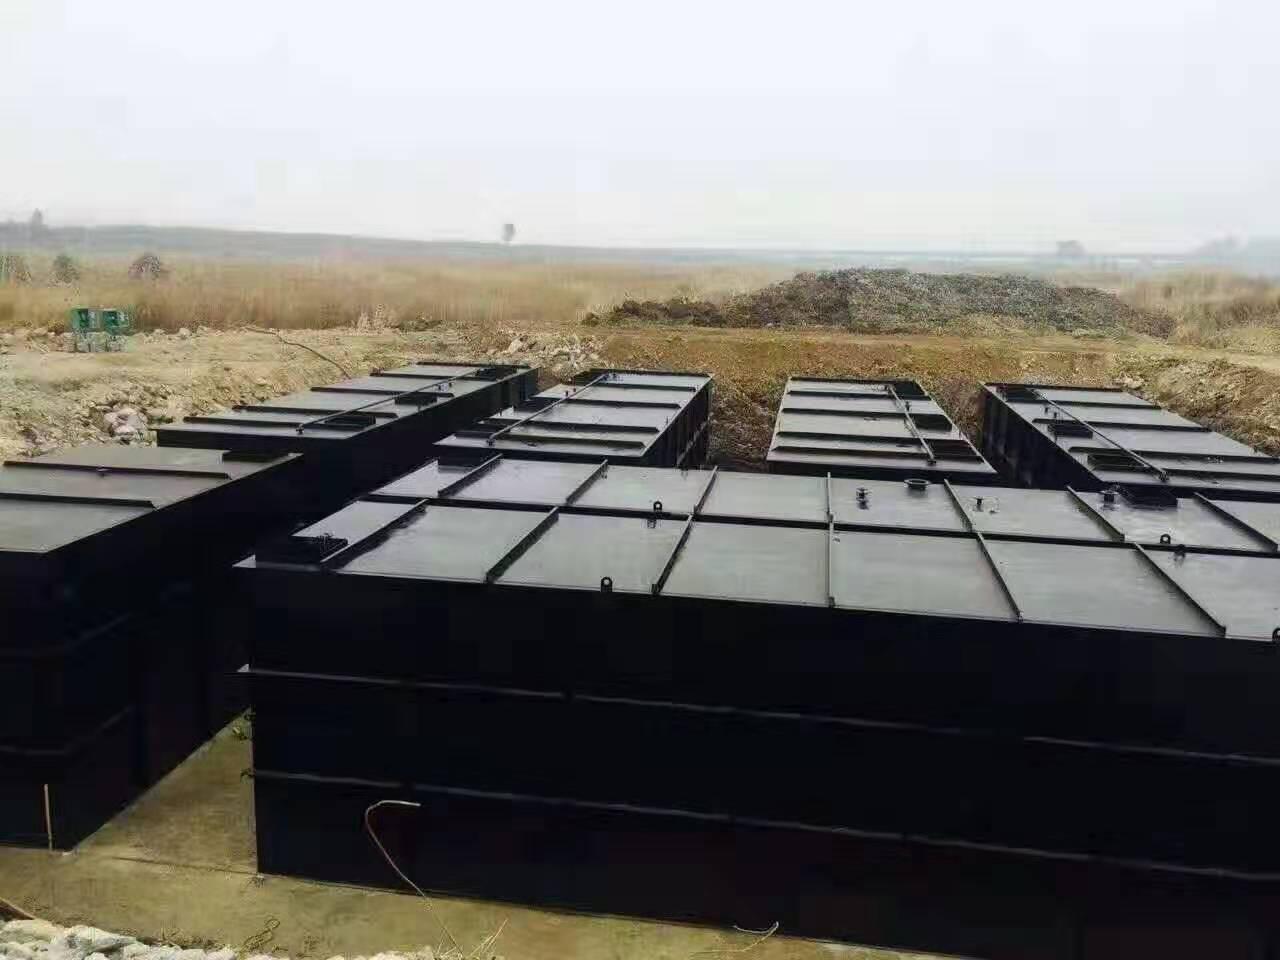 新农村污水处理设备制造商,新农村污水处理设备生产商,新农村污水处理设备供应商